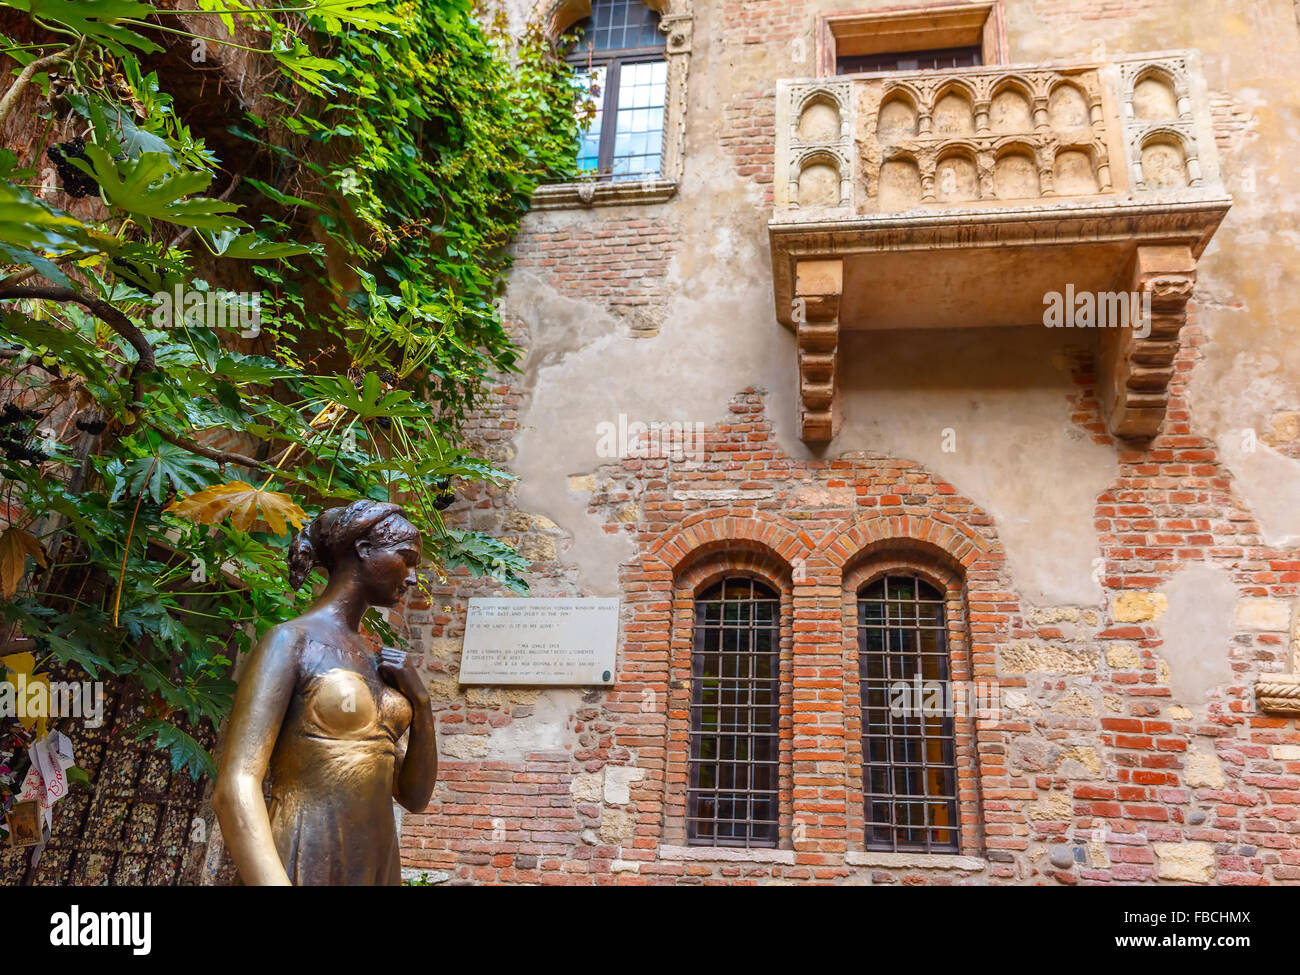 Romeo Und Julia Balkon In Verona Italien Stockfoto Bild 93090394